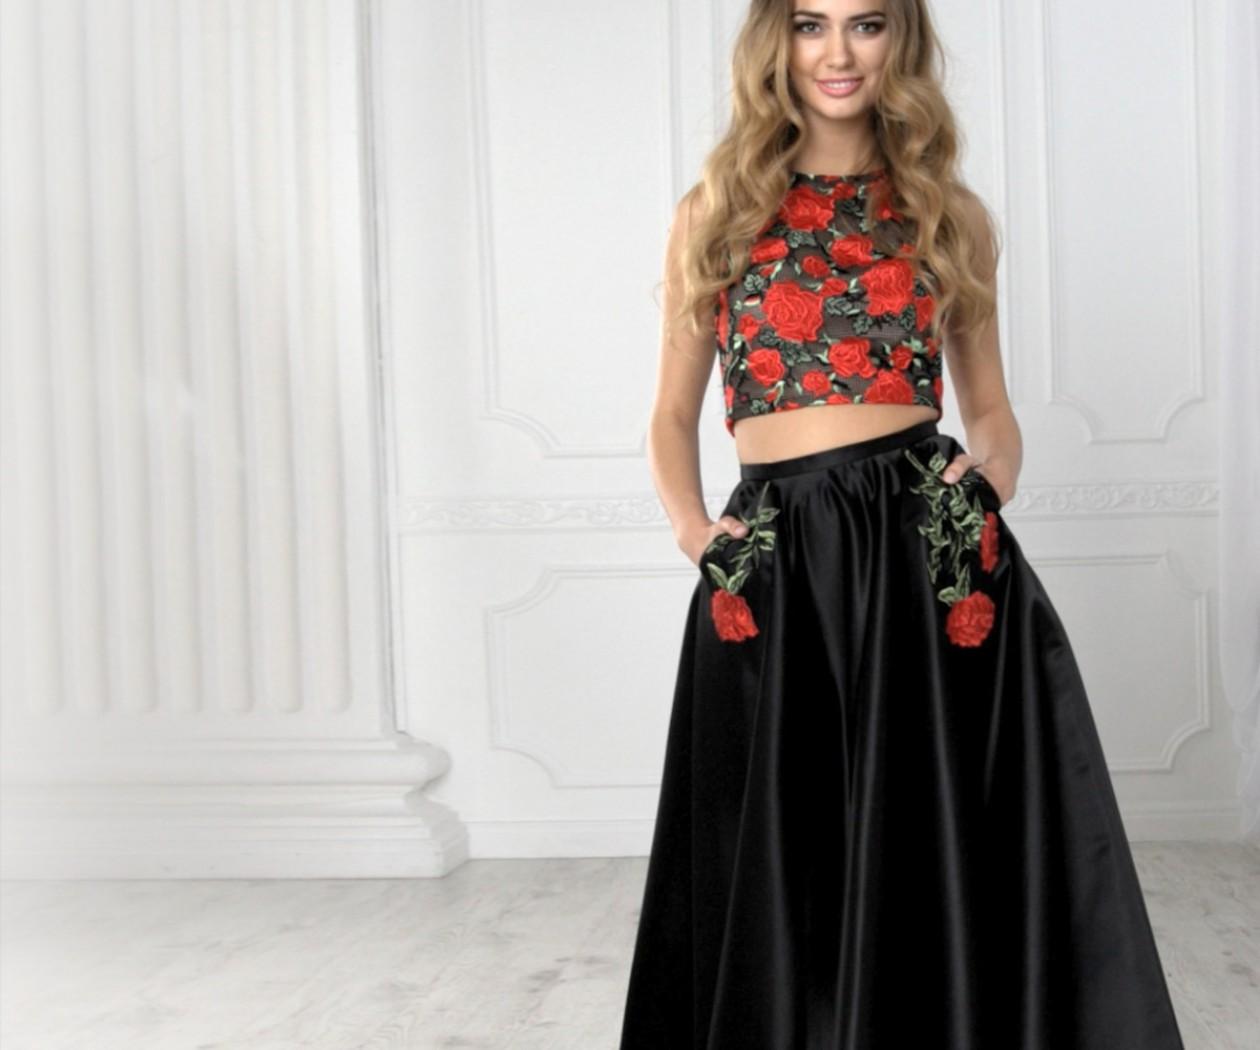 Черная отрезная юбка с кружевным топом в красных цветах ШАЙЛА